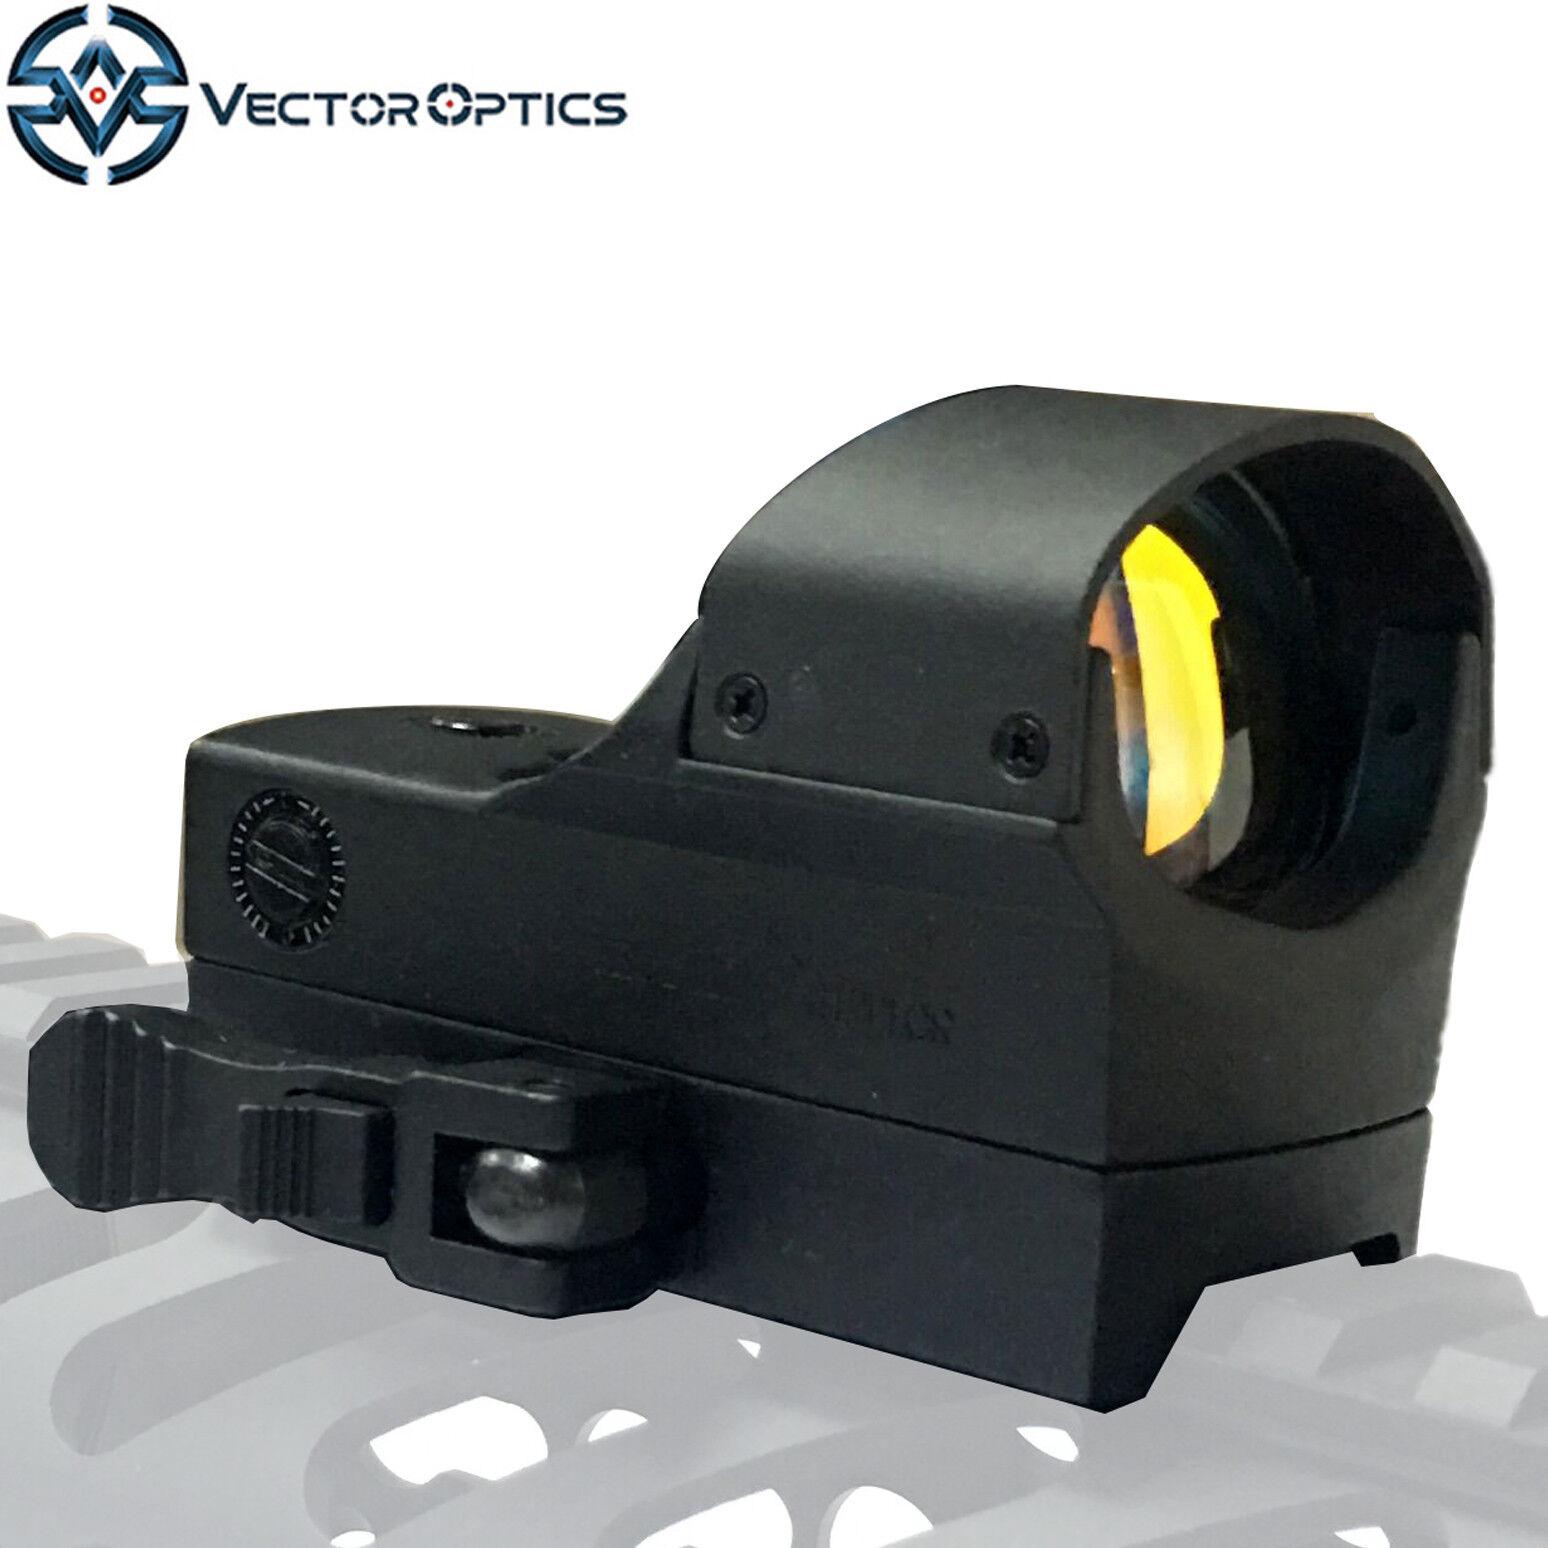 Vector Optics Wraith 1x22x33 vista reflejo rojo Dot 3 Moa qd Montaje Fi Visión Nocturna